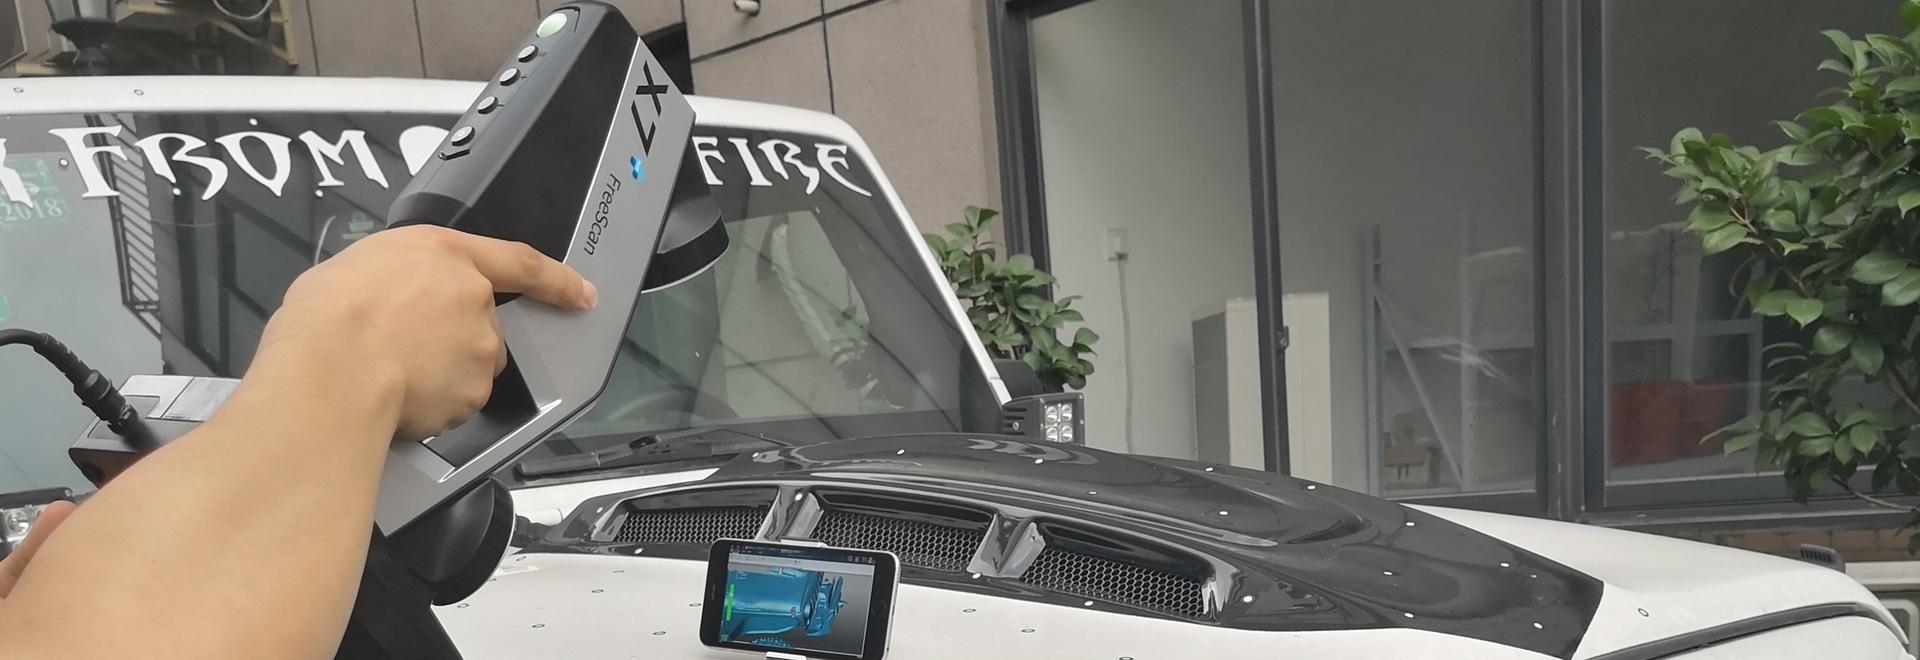 3D che esplora un'aria aperta di Jeep Wrangler facendo uso di FreeScan senza fili X7+